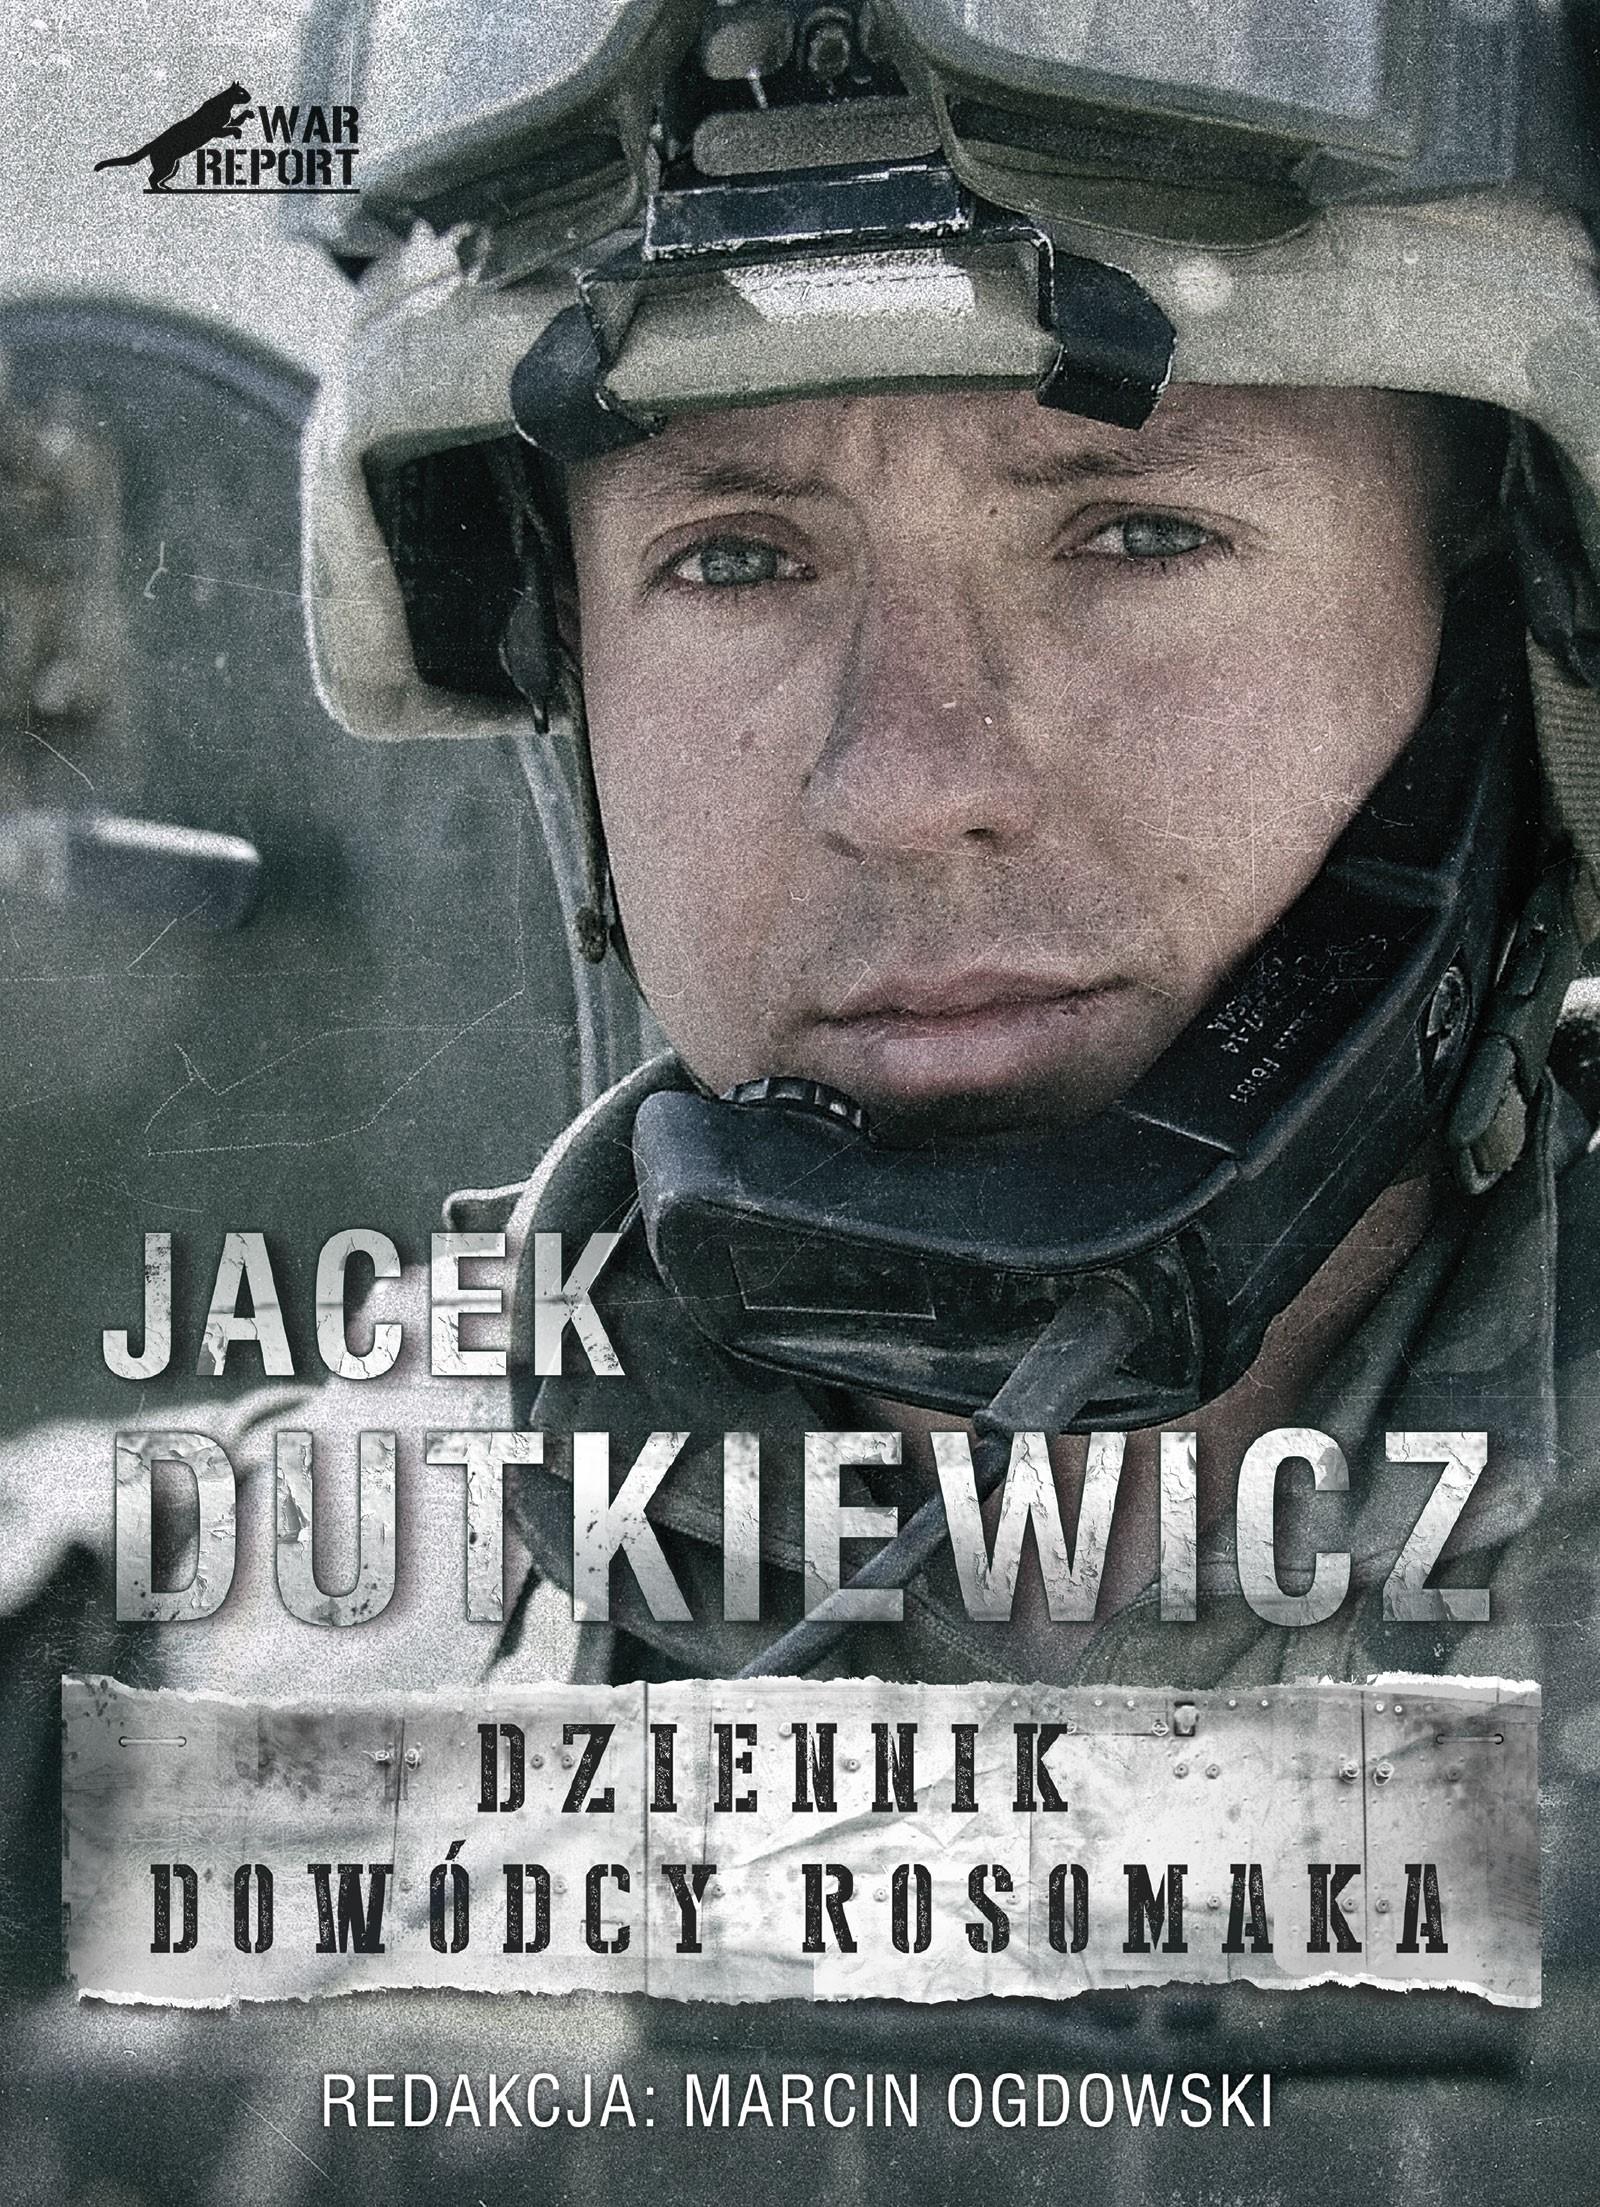 Jacek Dutkiewicz, zdjęcie z archiwum autora dziennika, opr. graf. WarBook